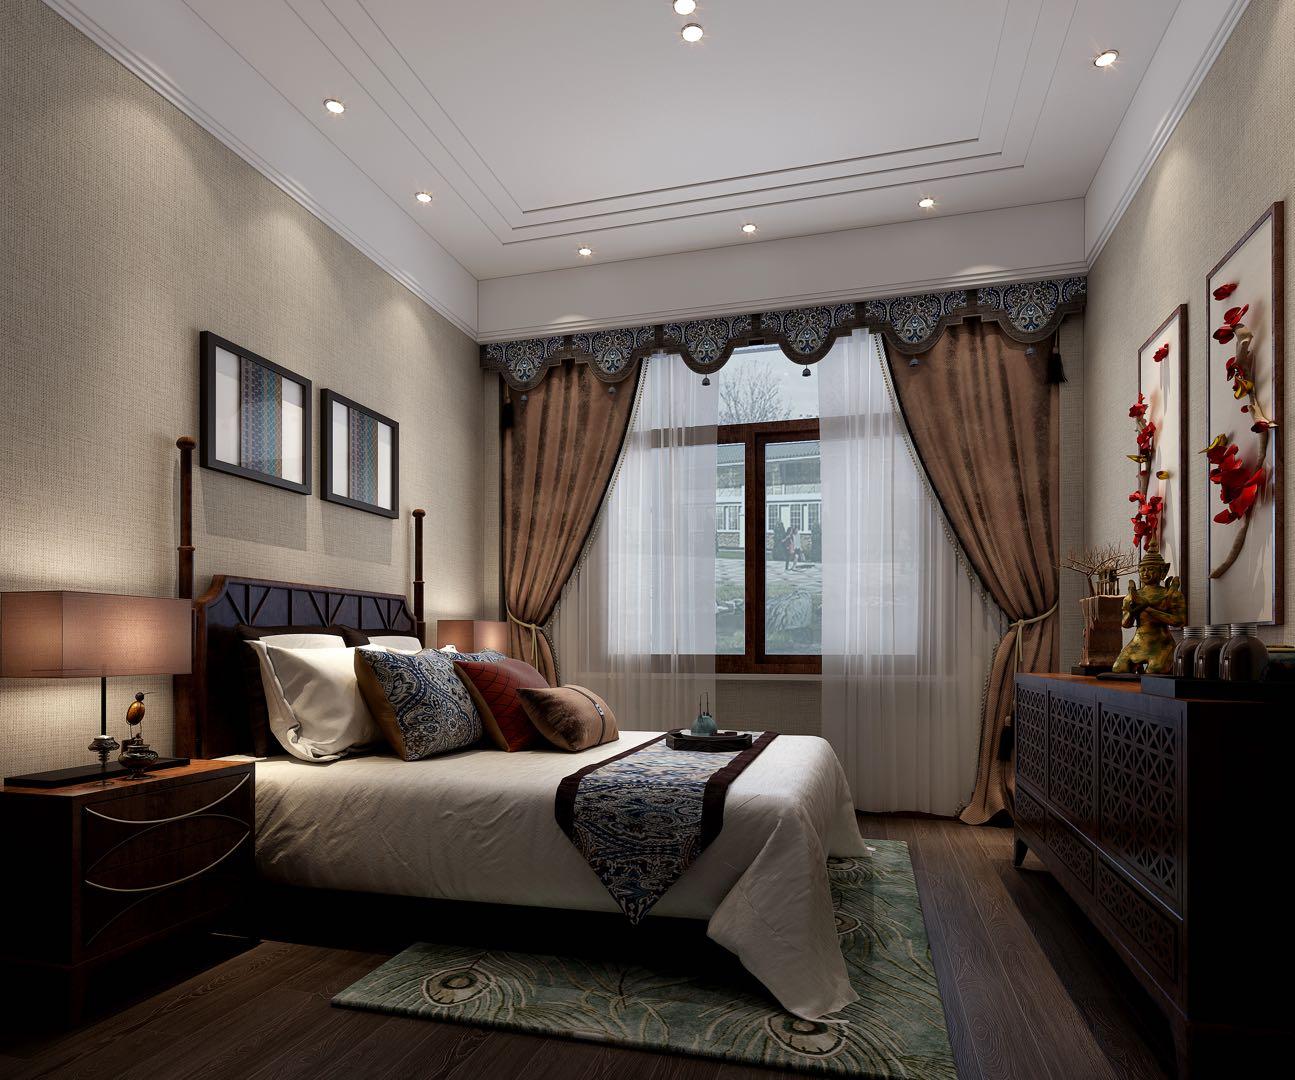 泰国华欣·比盈国泰公馆独栋别墅,给你不一样的惊喜!